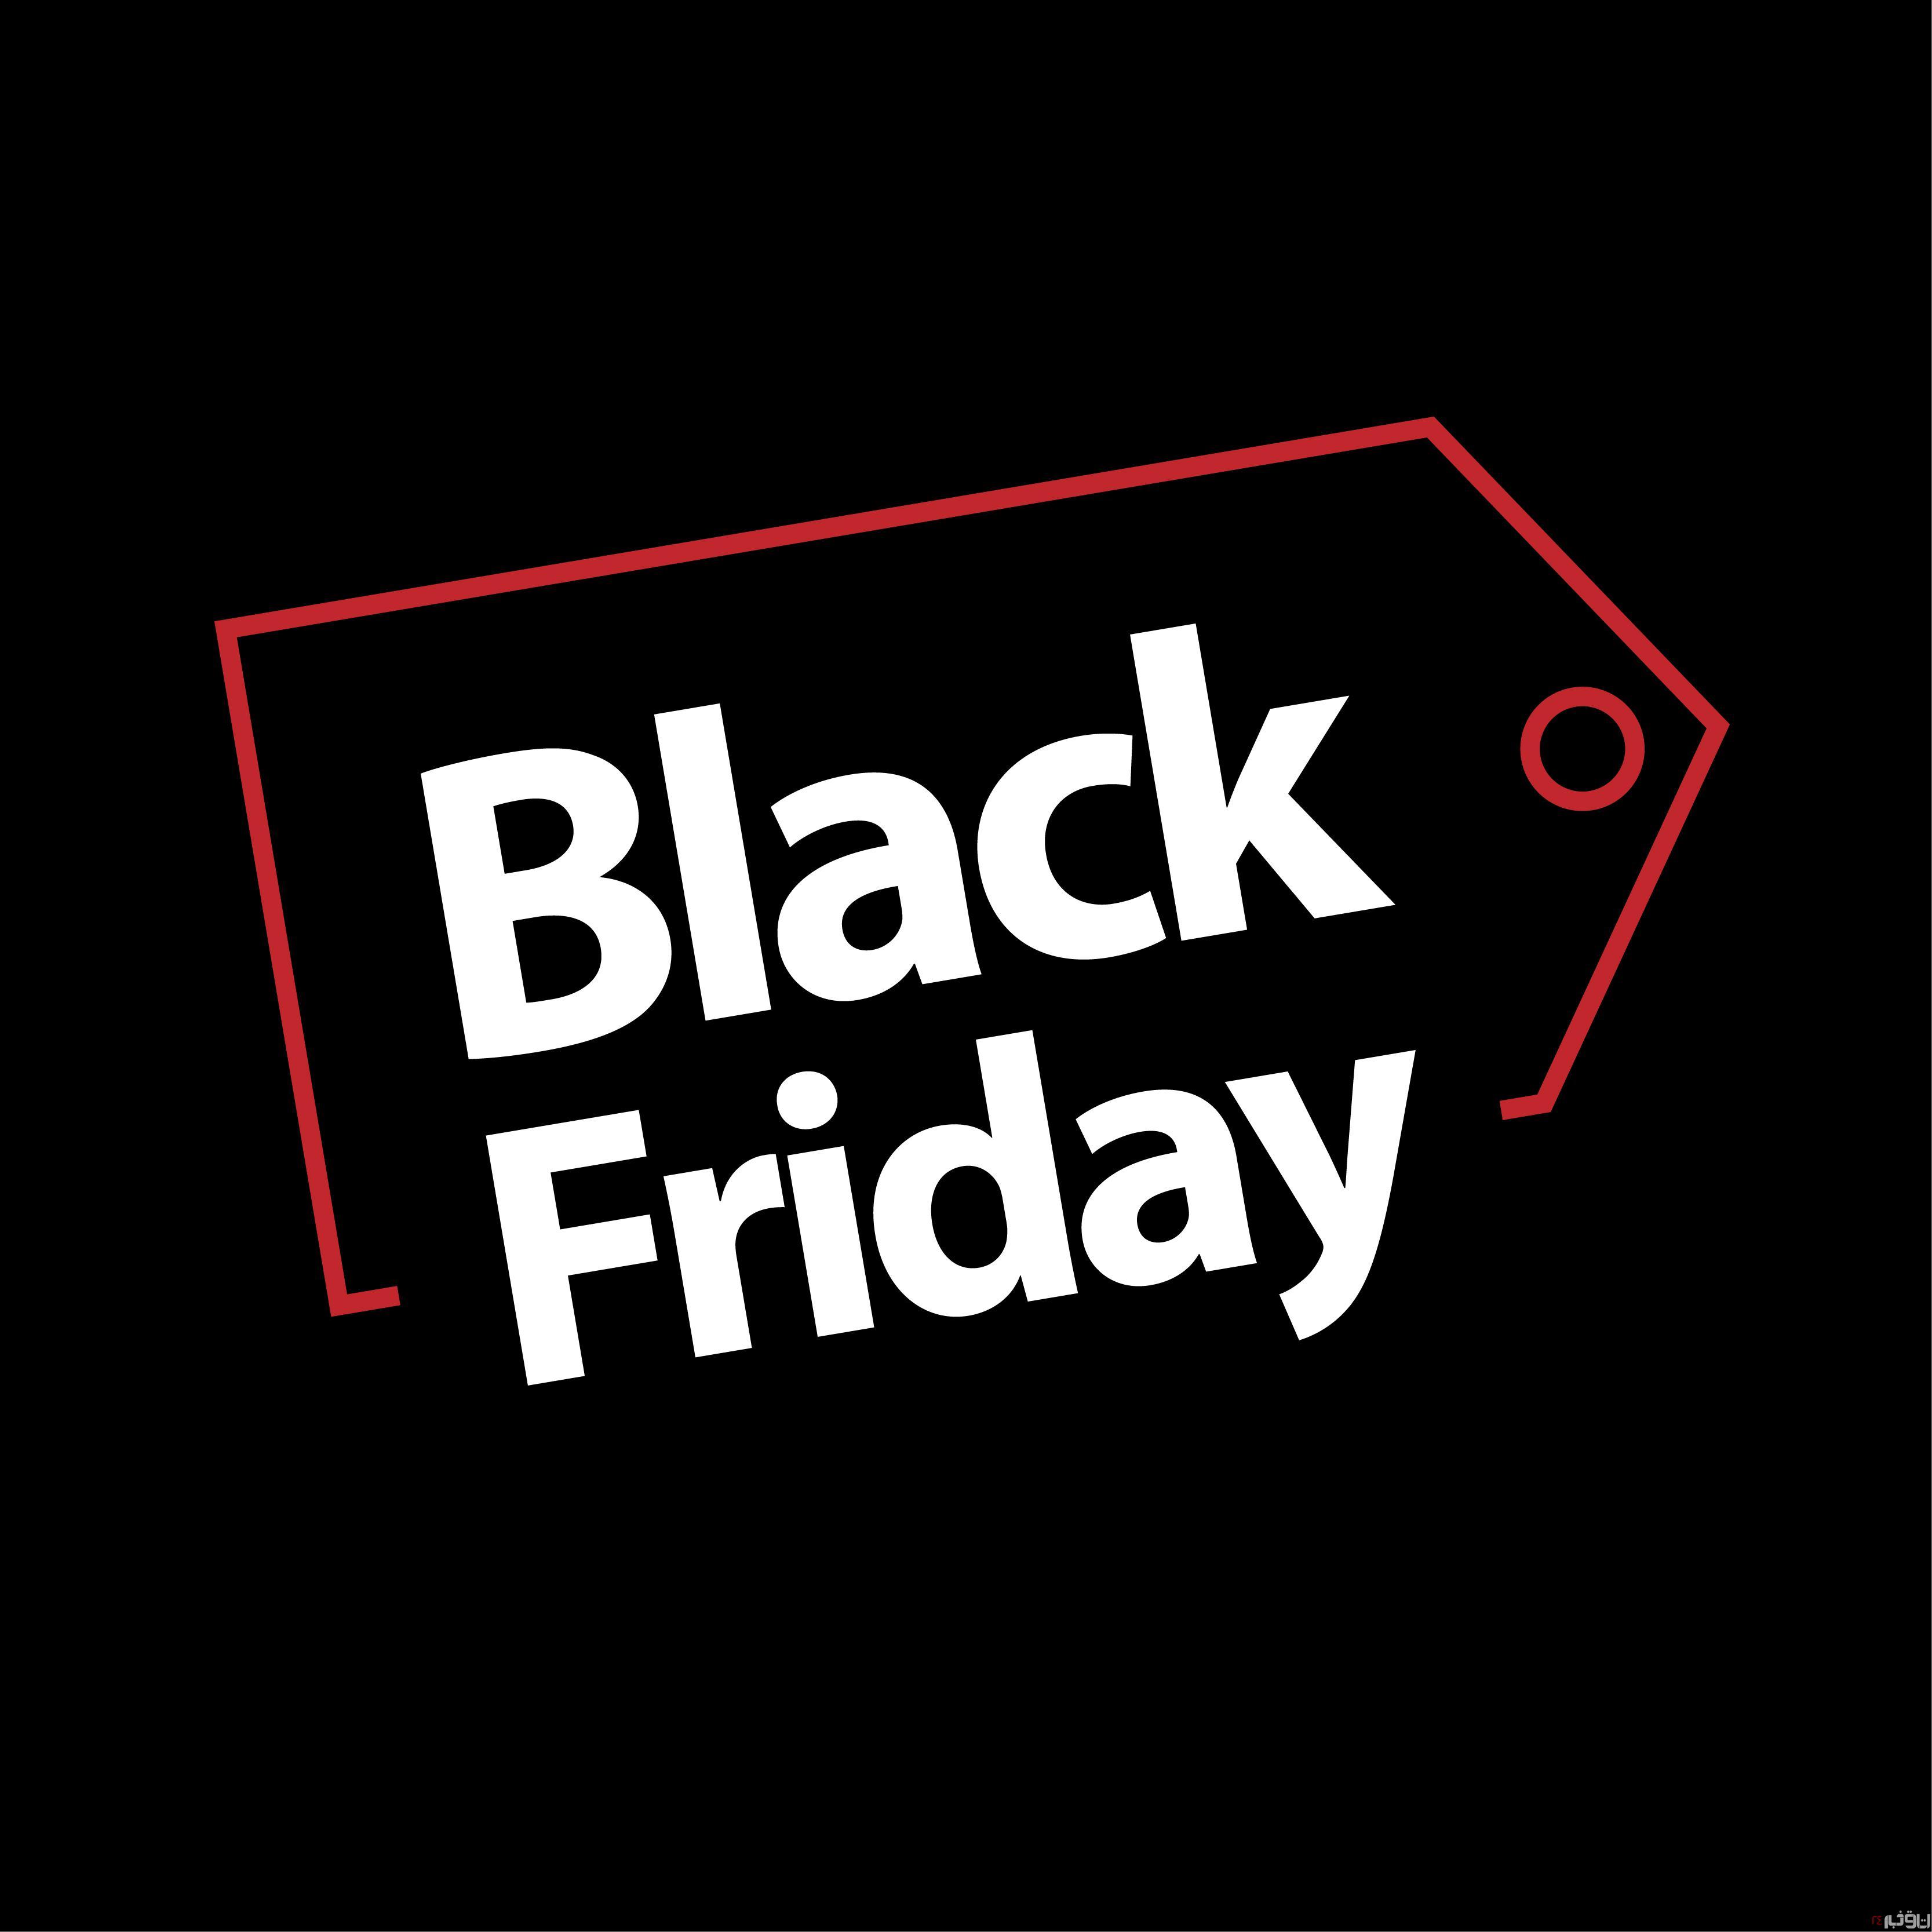 ریشه جمعه ی سیاه یا Blackfriday